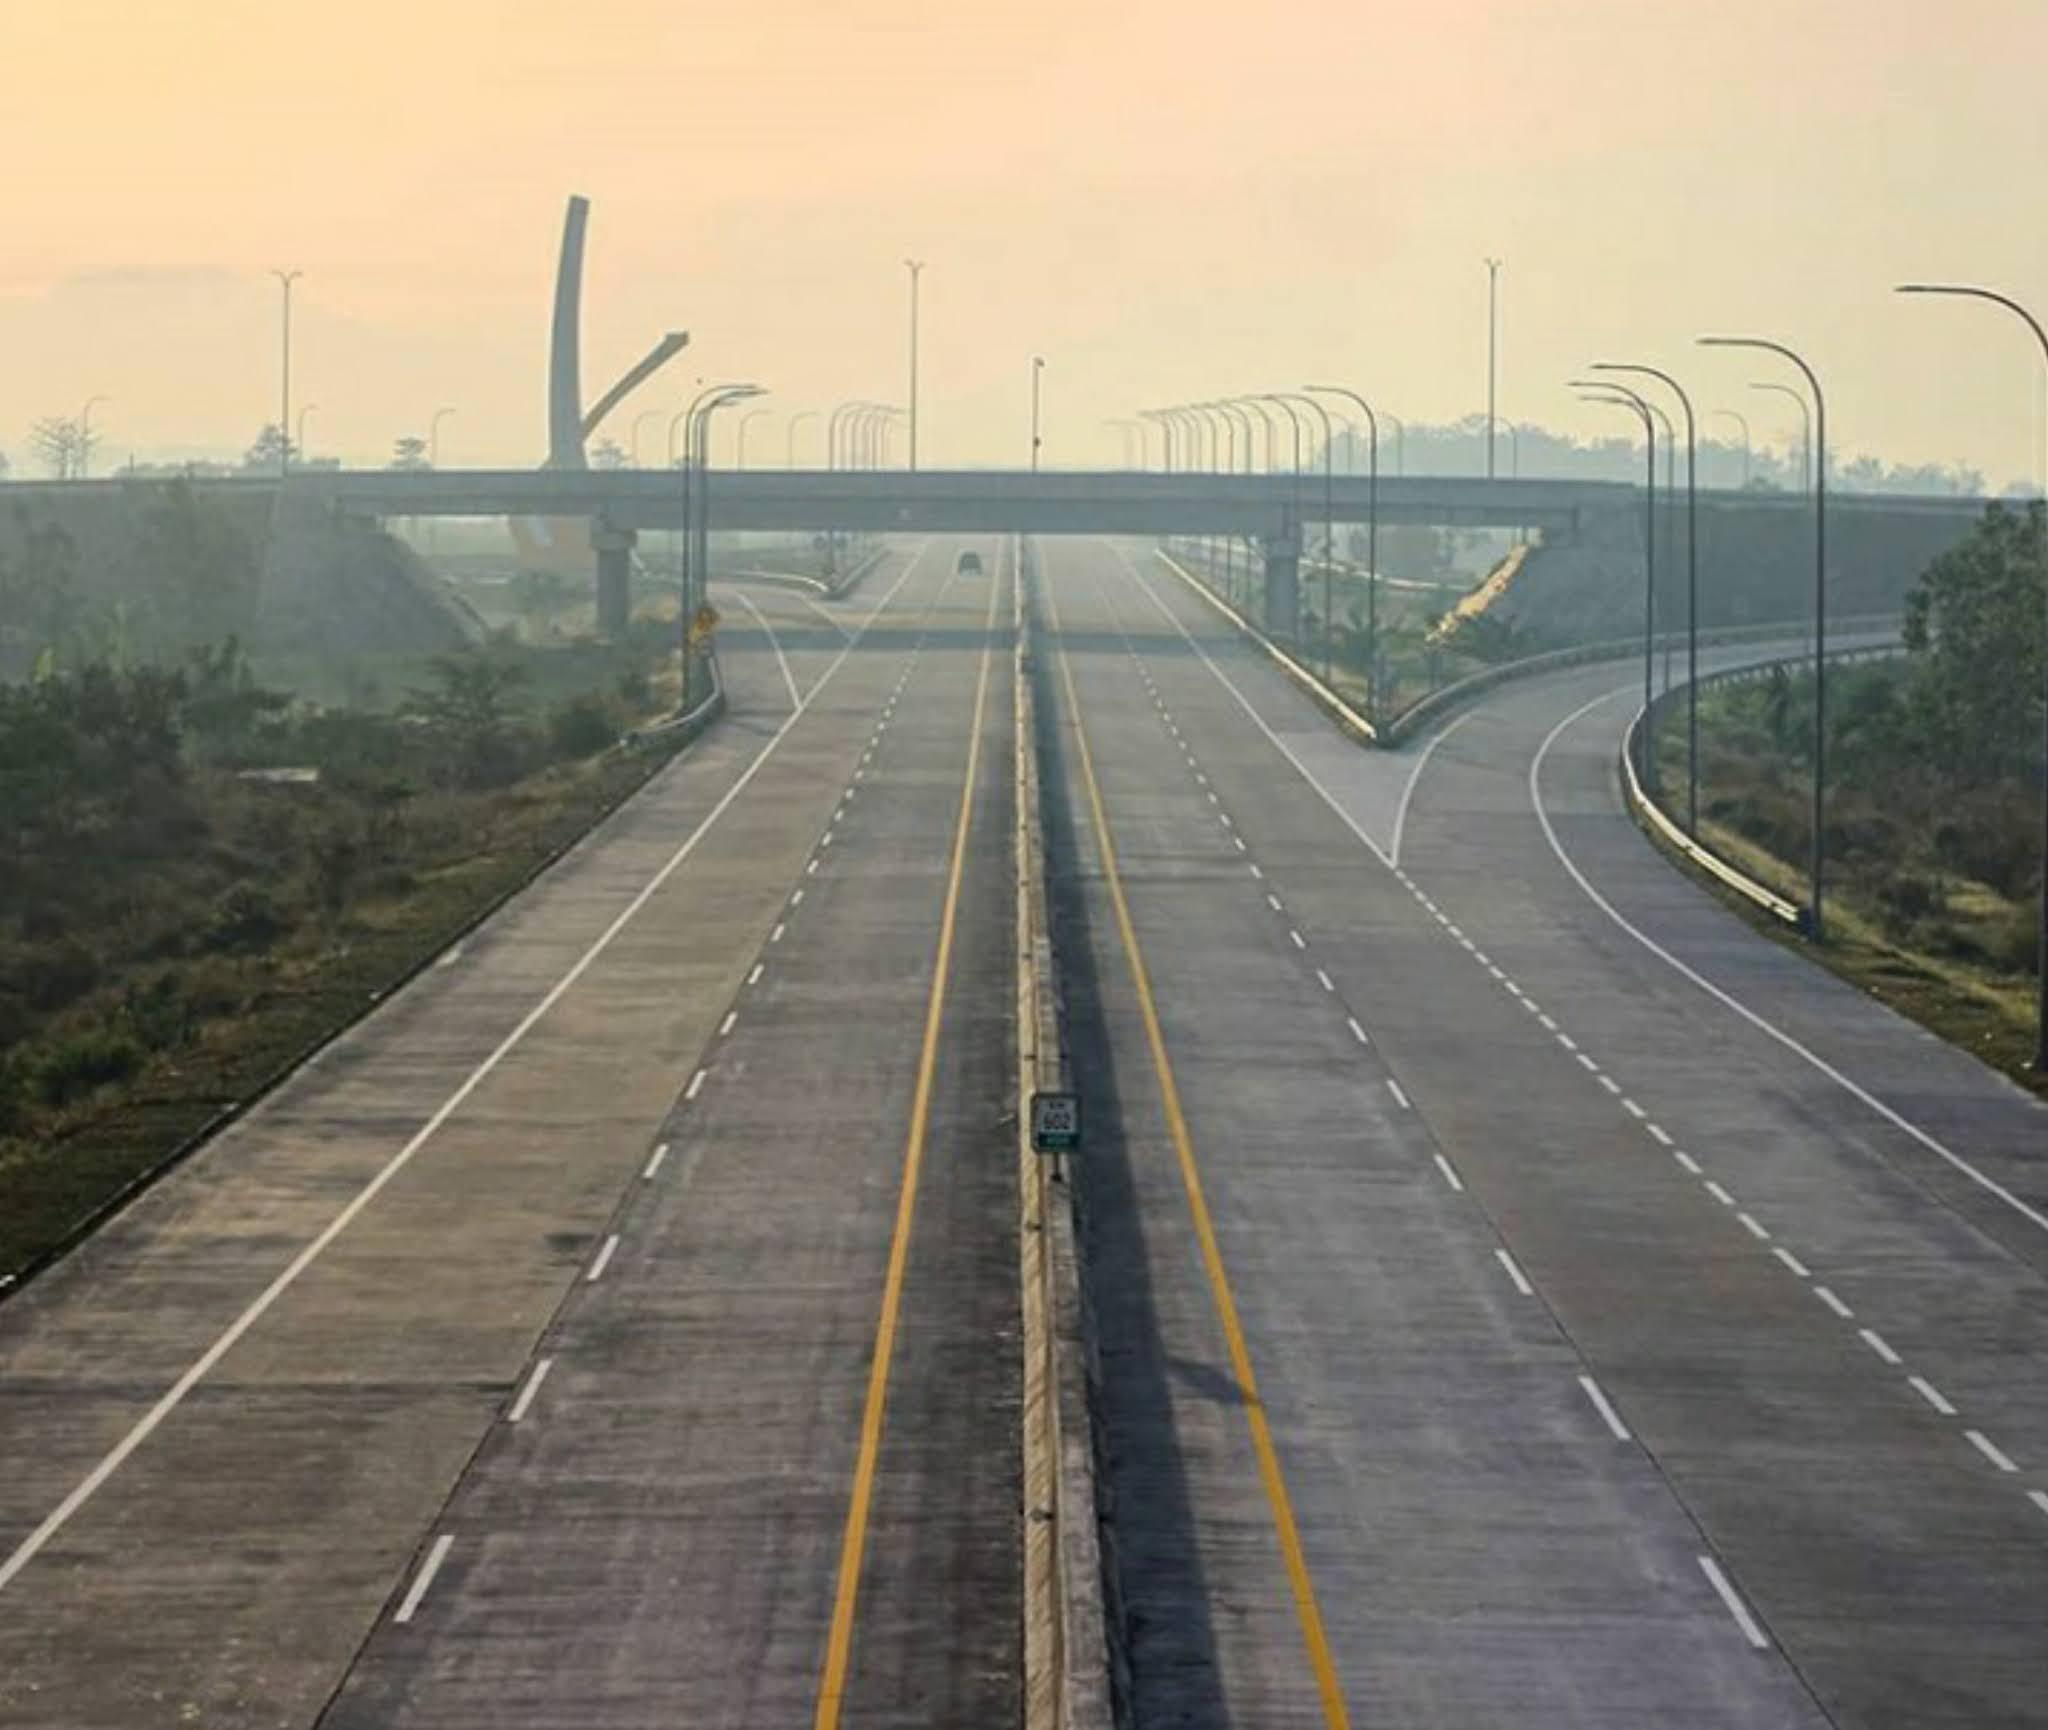 daftar harga tarif jalan tol terbaru seluruh indonesia